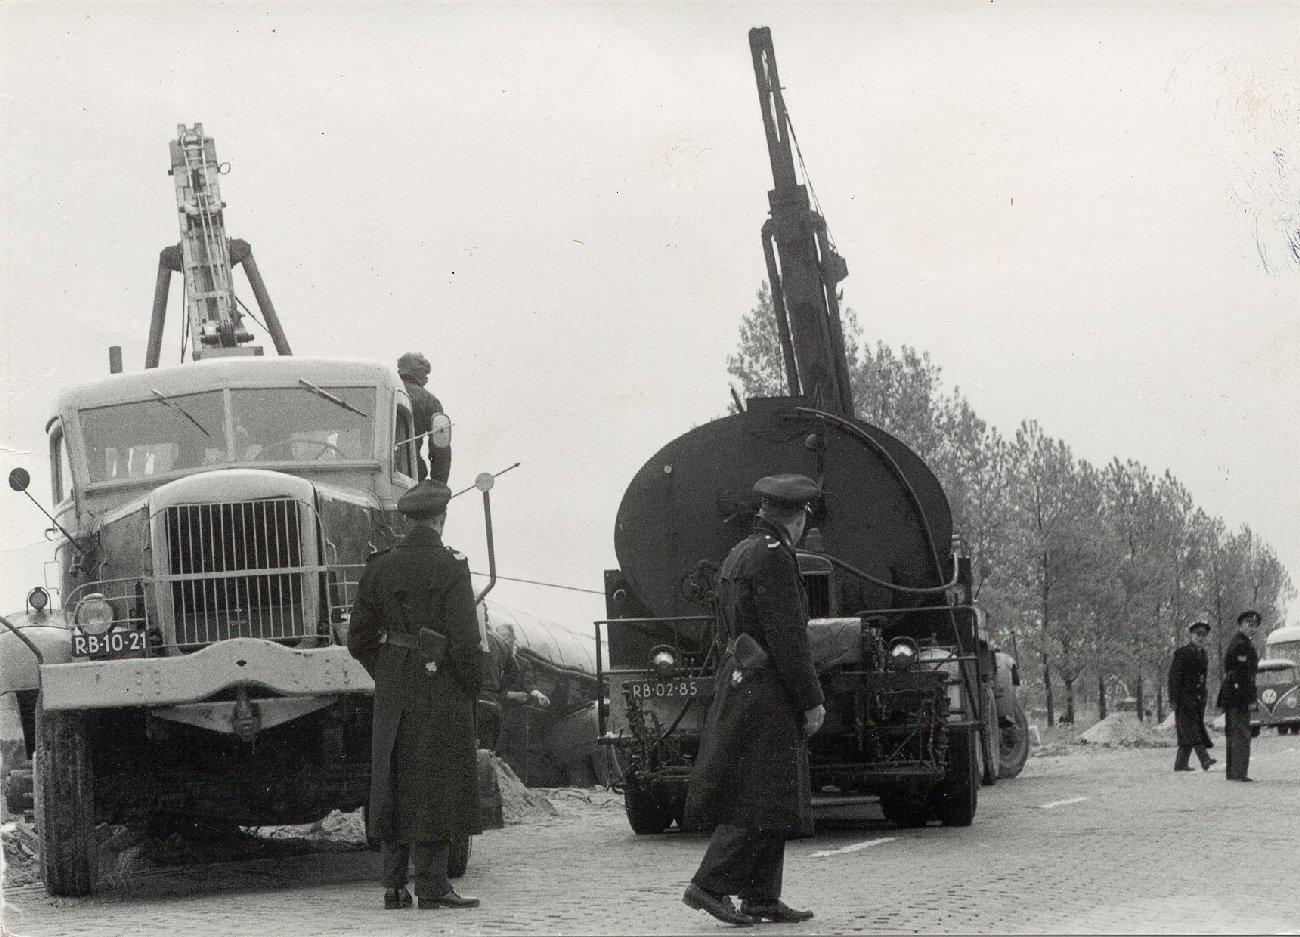 Sproeien-74